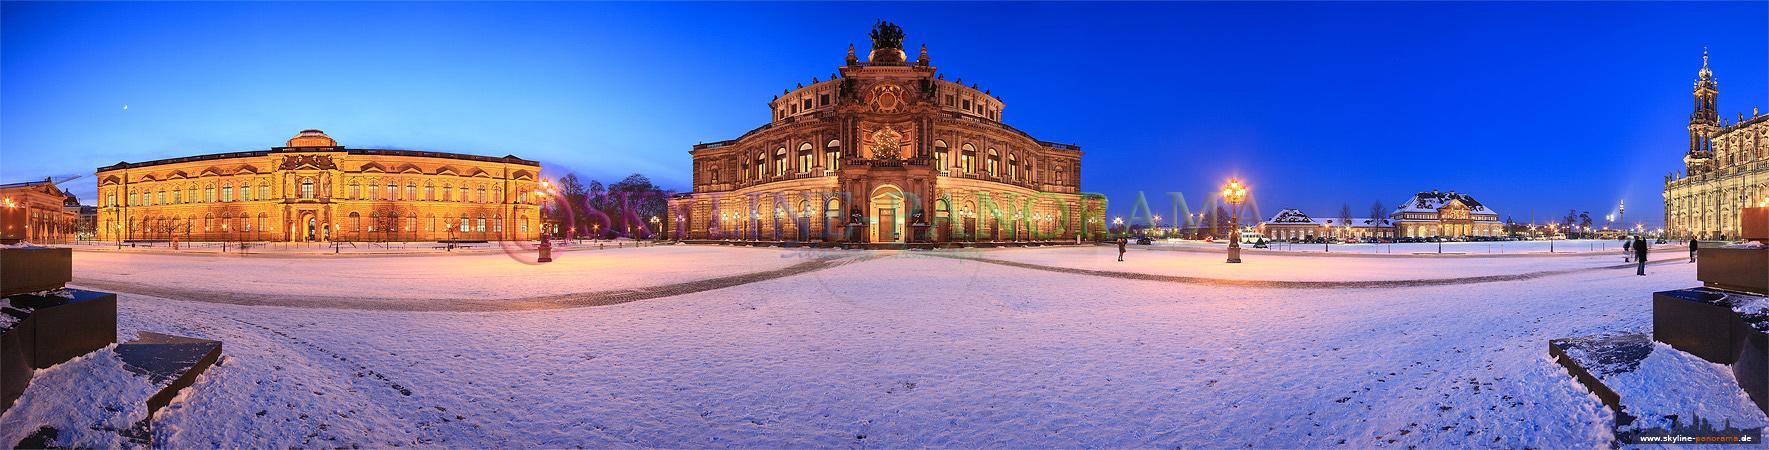 Dresden Semperoper verschneit im Winter - Die Dresdner Semperoper, eines der bekanntesten Sehenswürdigkeiten der Stadt, mit dem verschneiten Theaterplatz in der Dämmerung.